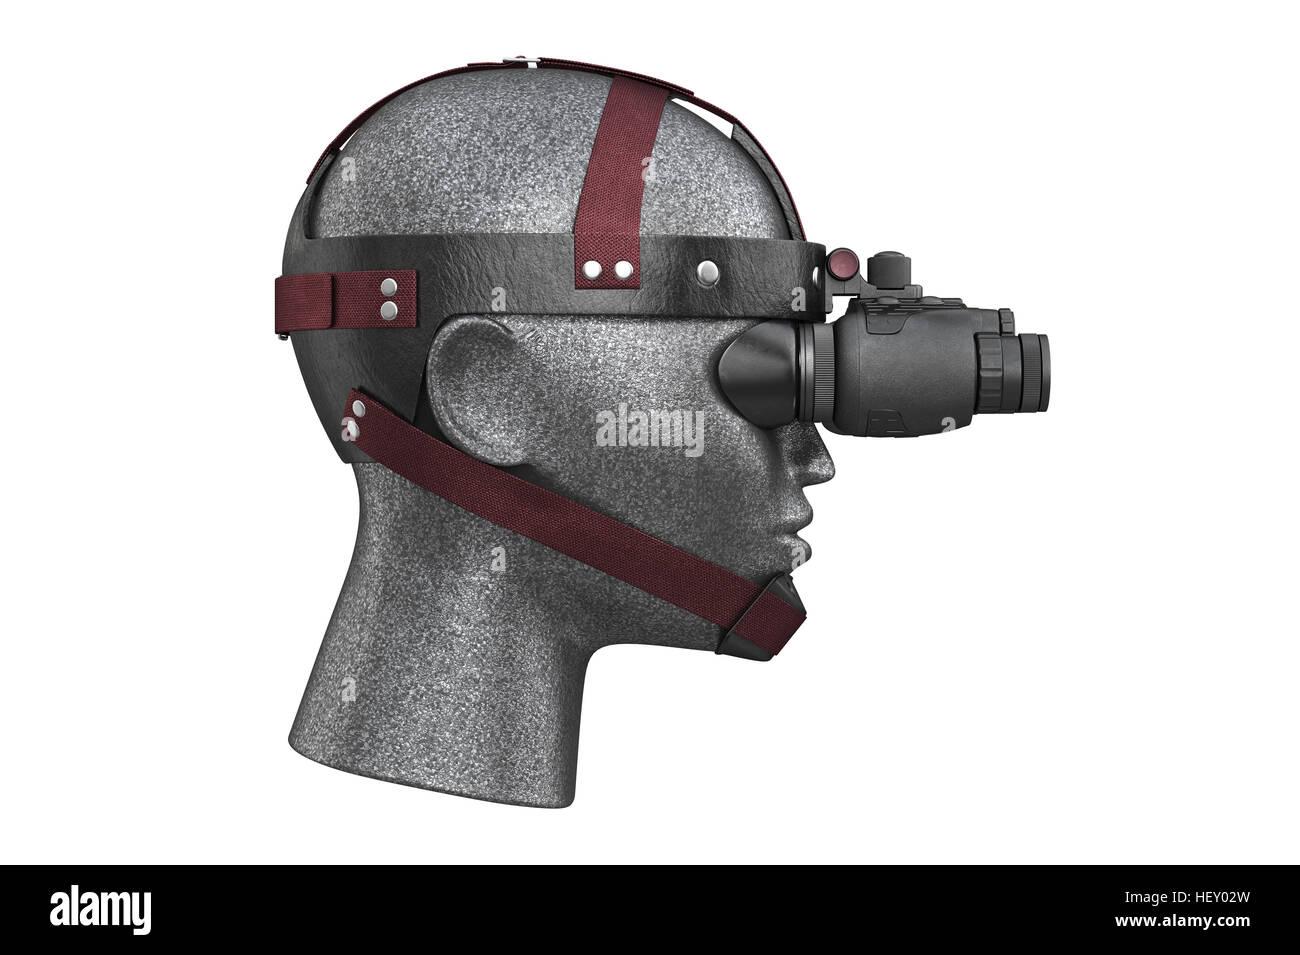 Militärischen kampf nachtsichtgeräte seitenansicht d rendering